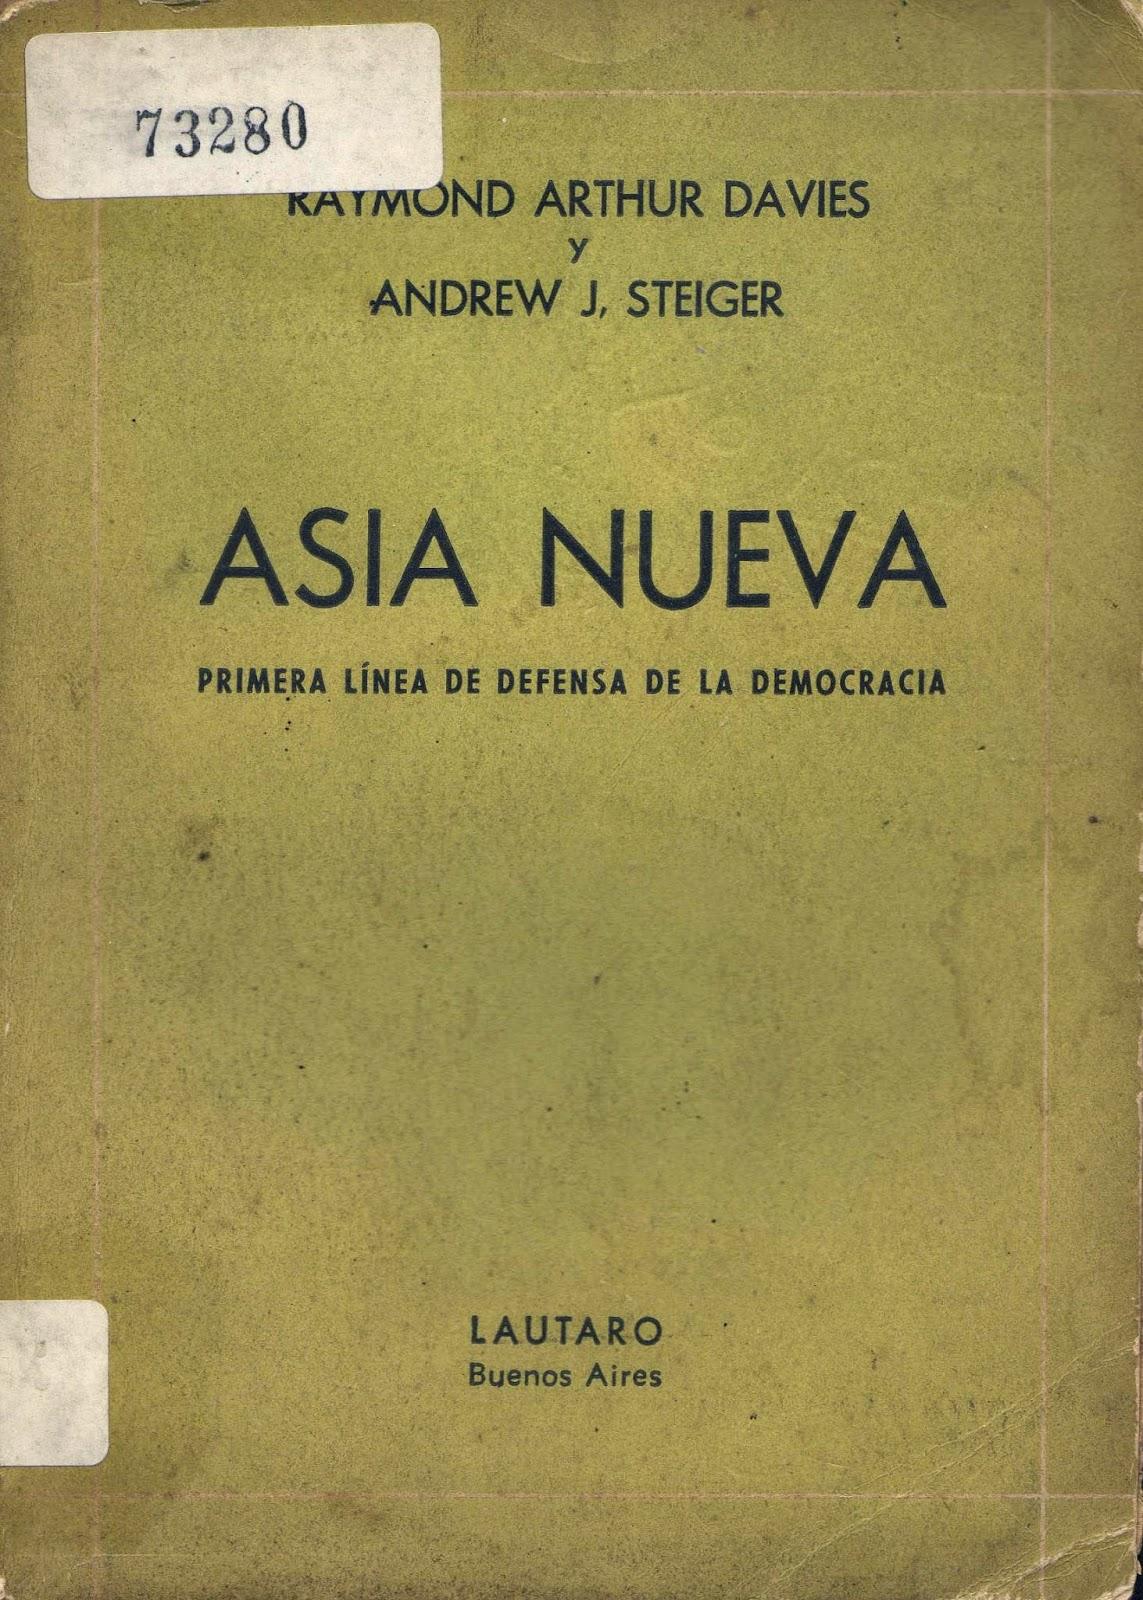 Descargar libro «Asia nueva. Primera línea de defensa de la democracia» Tapa%2BAsia%2BNueva